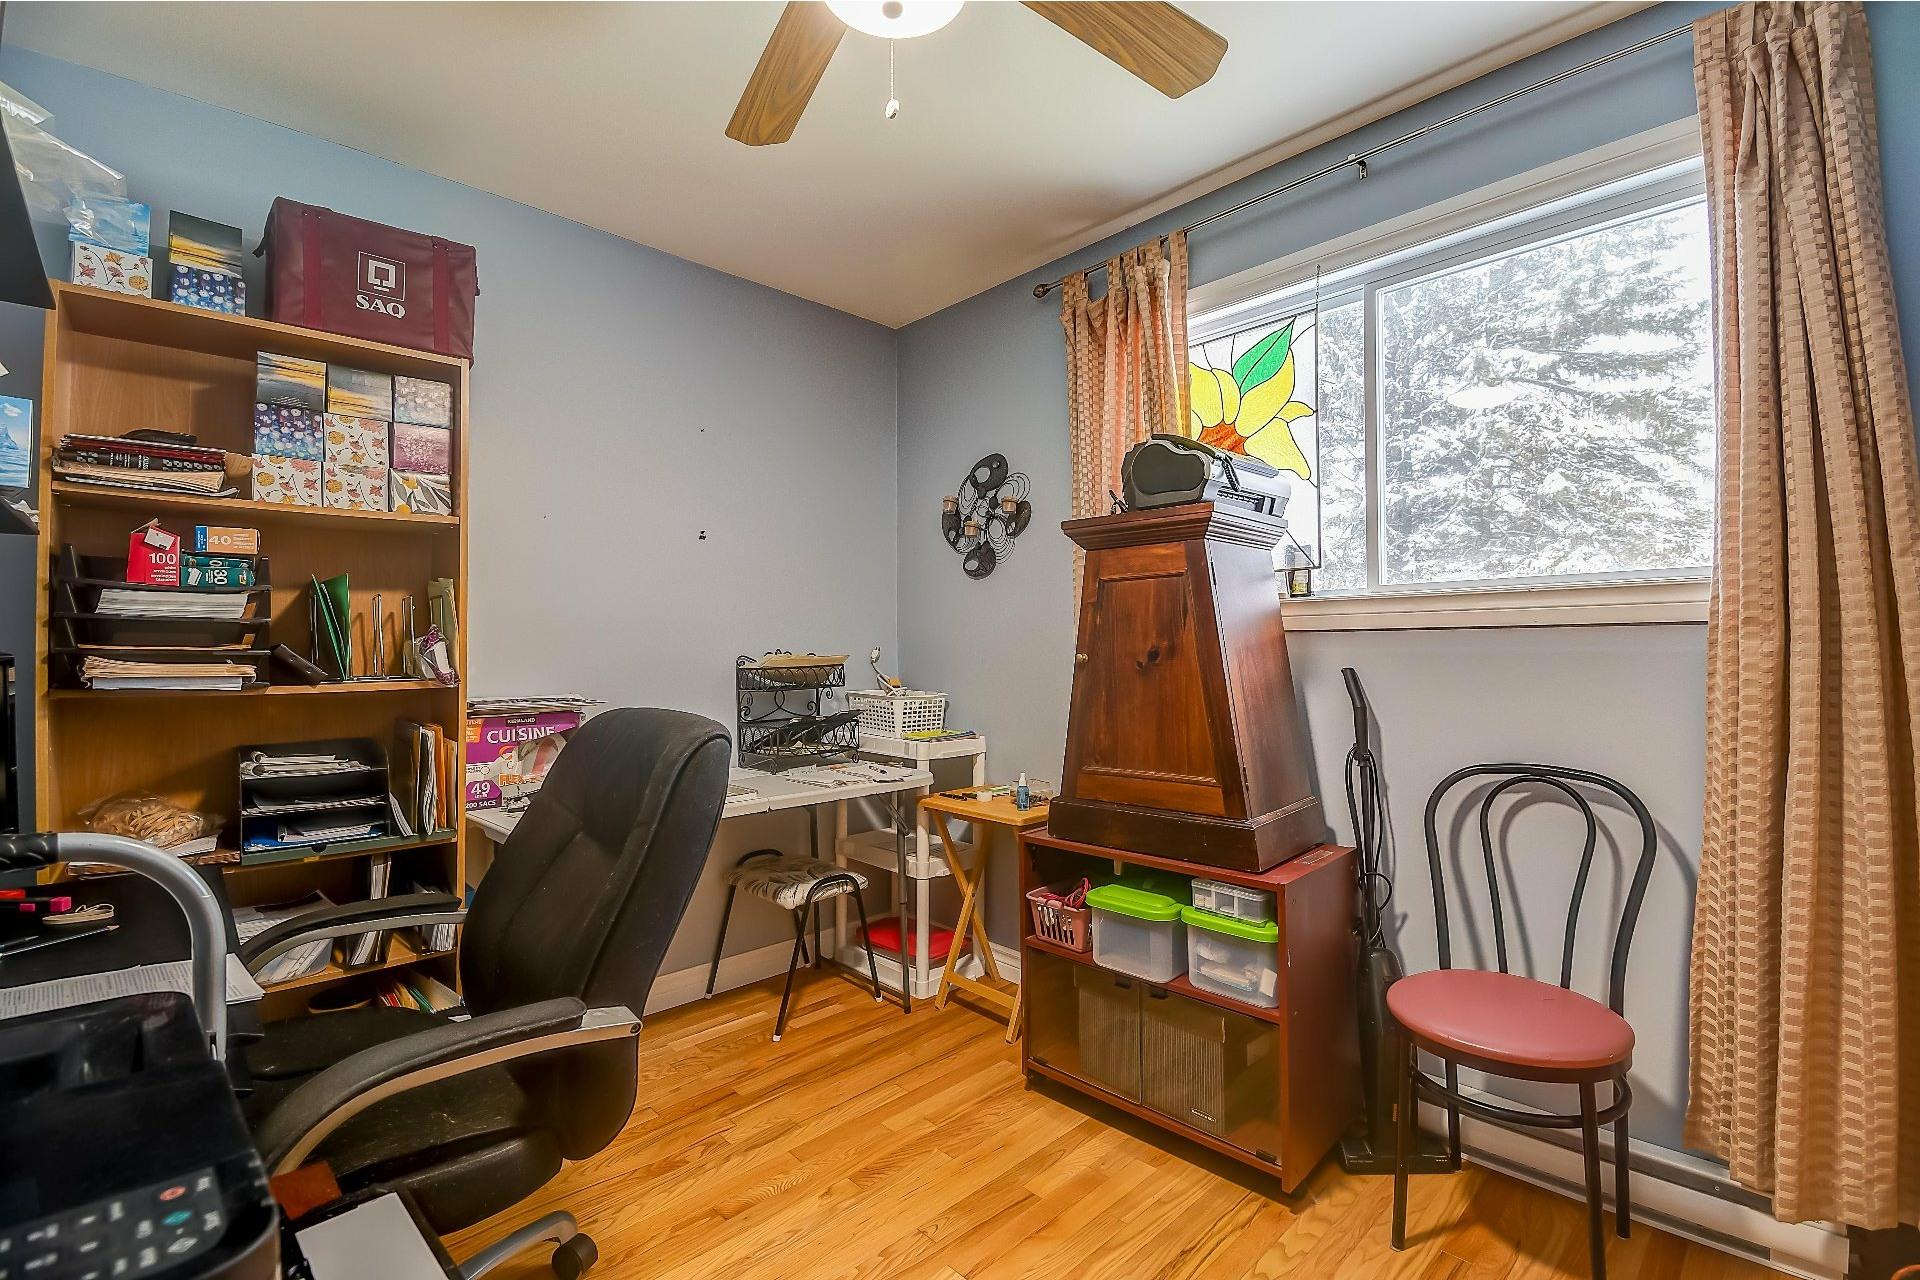 image 16 - Maison À vendre Trois-Rivières - 10 pièces